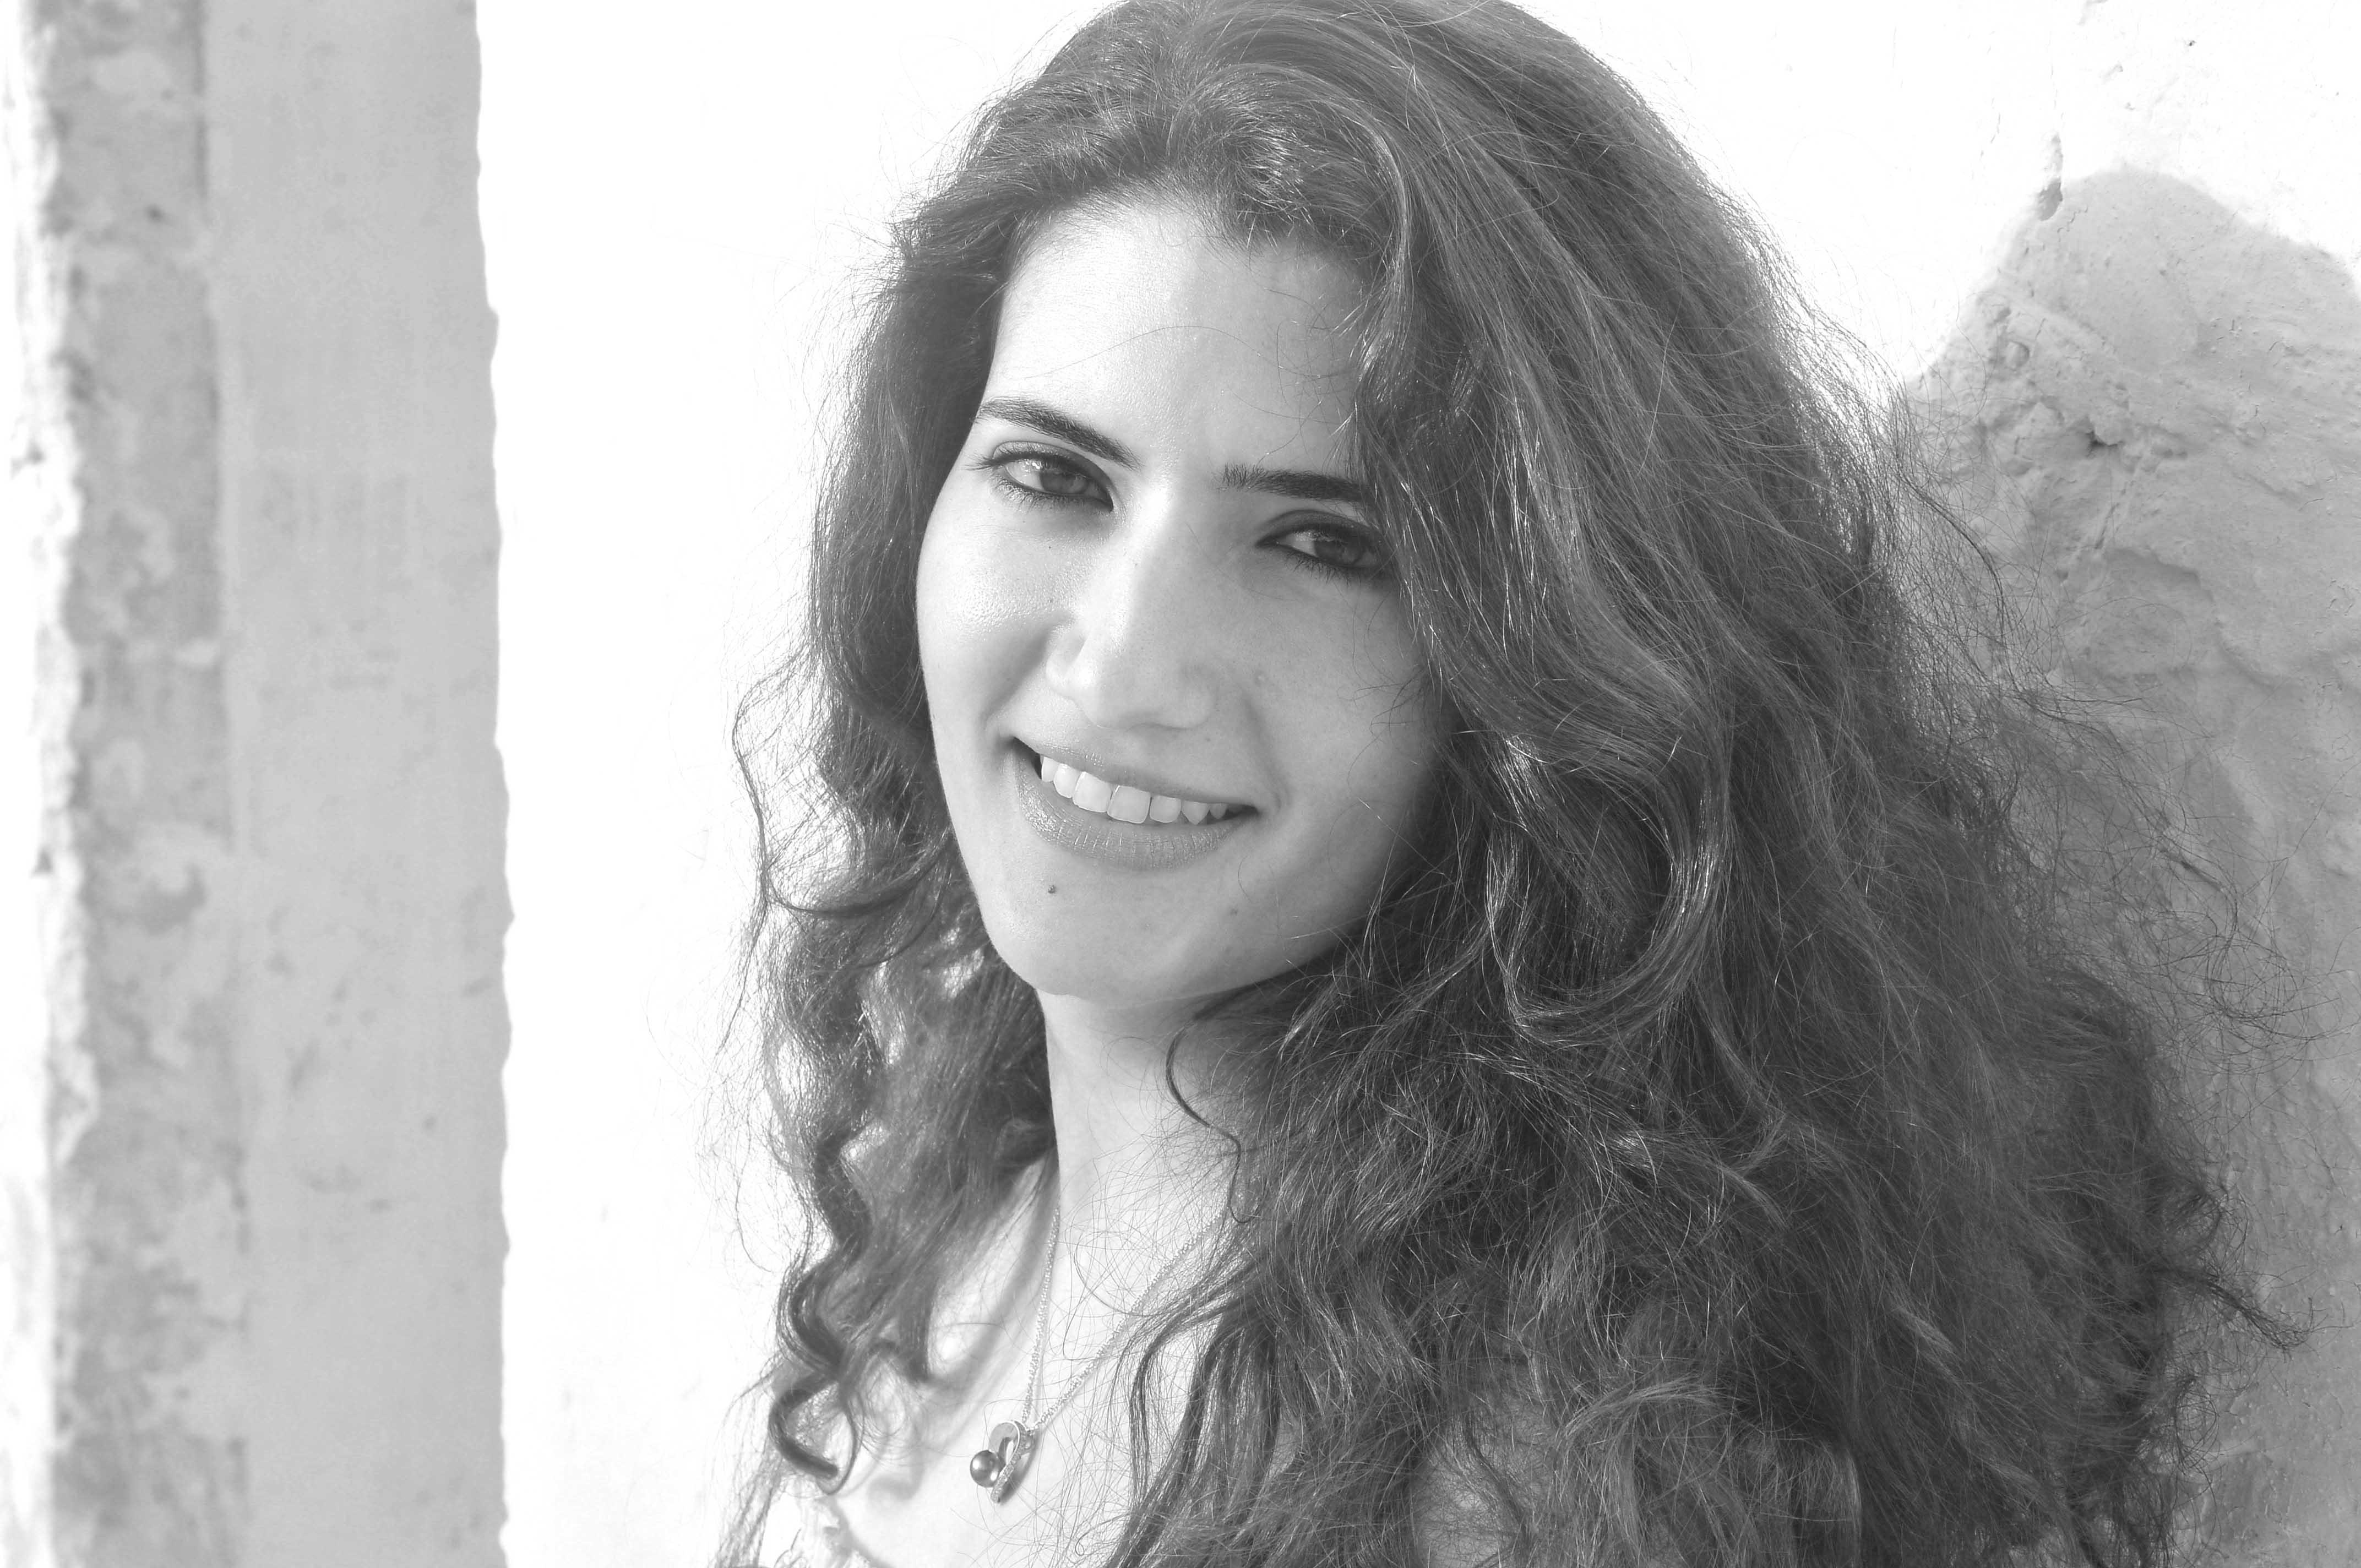 Asma Chiboub